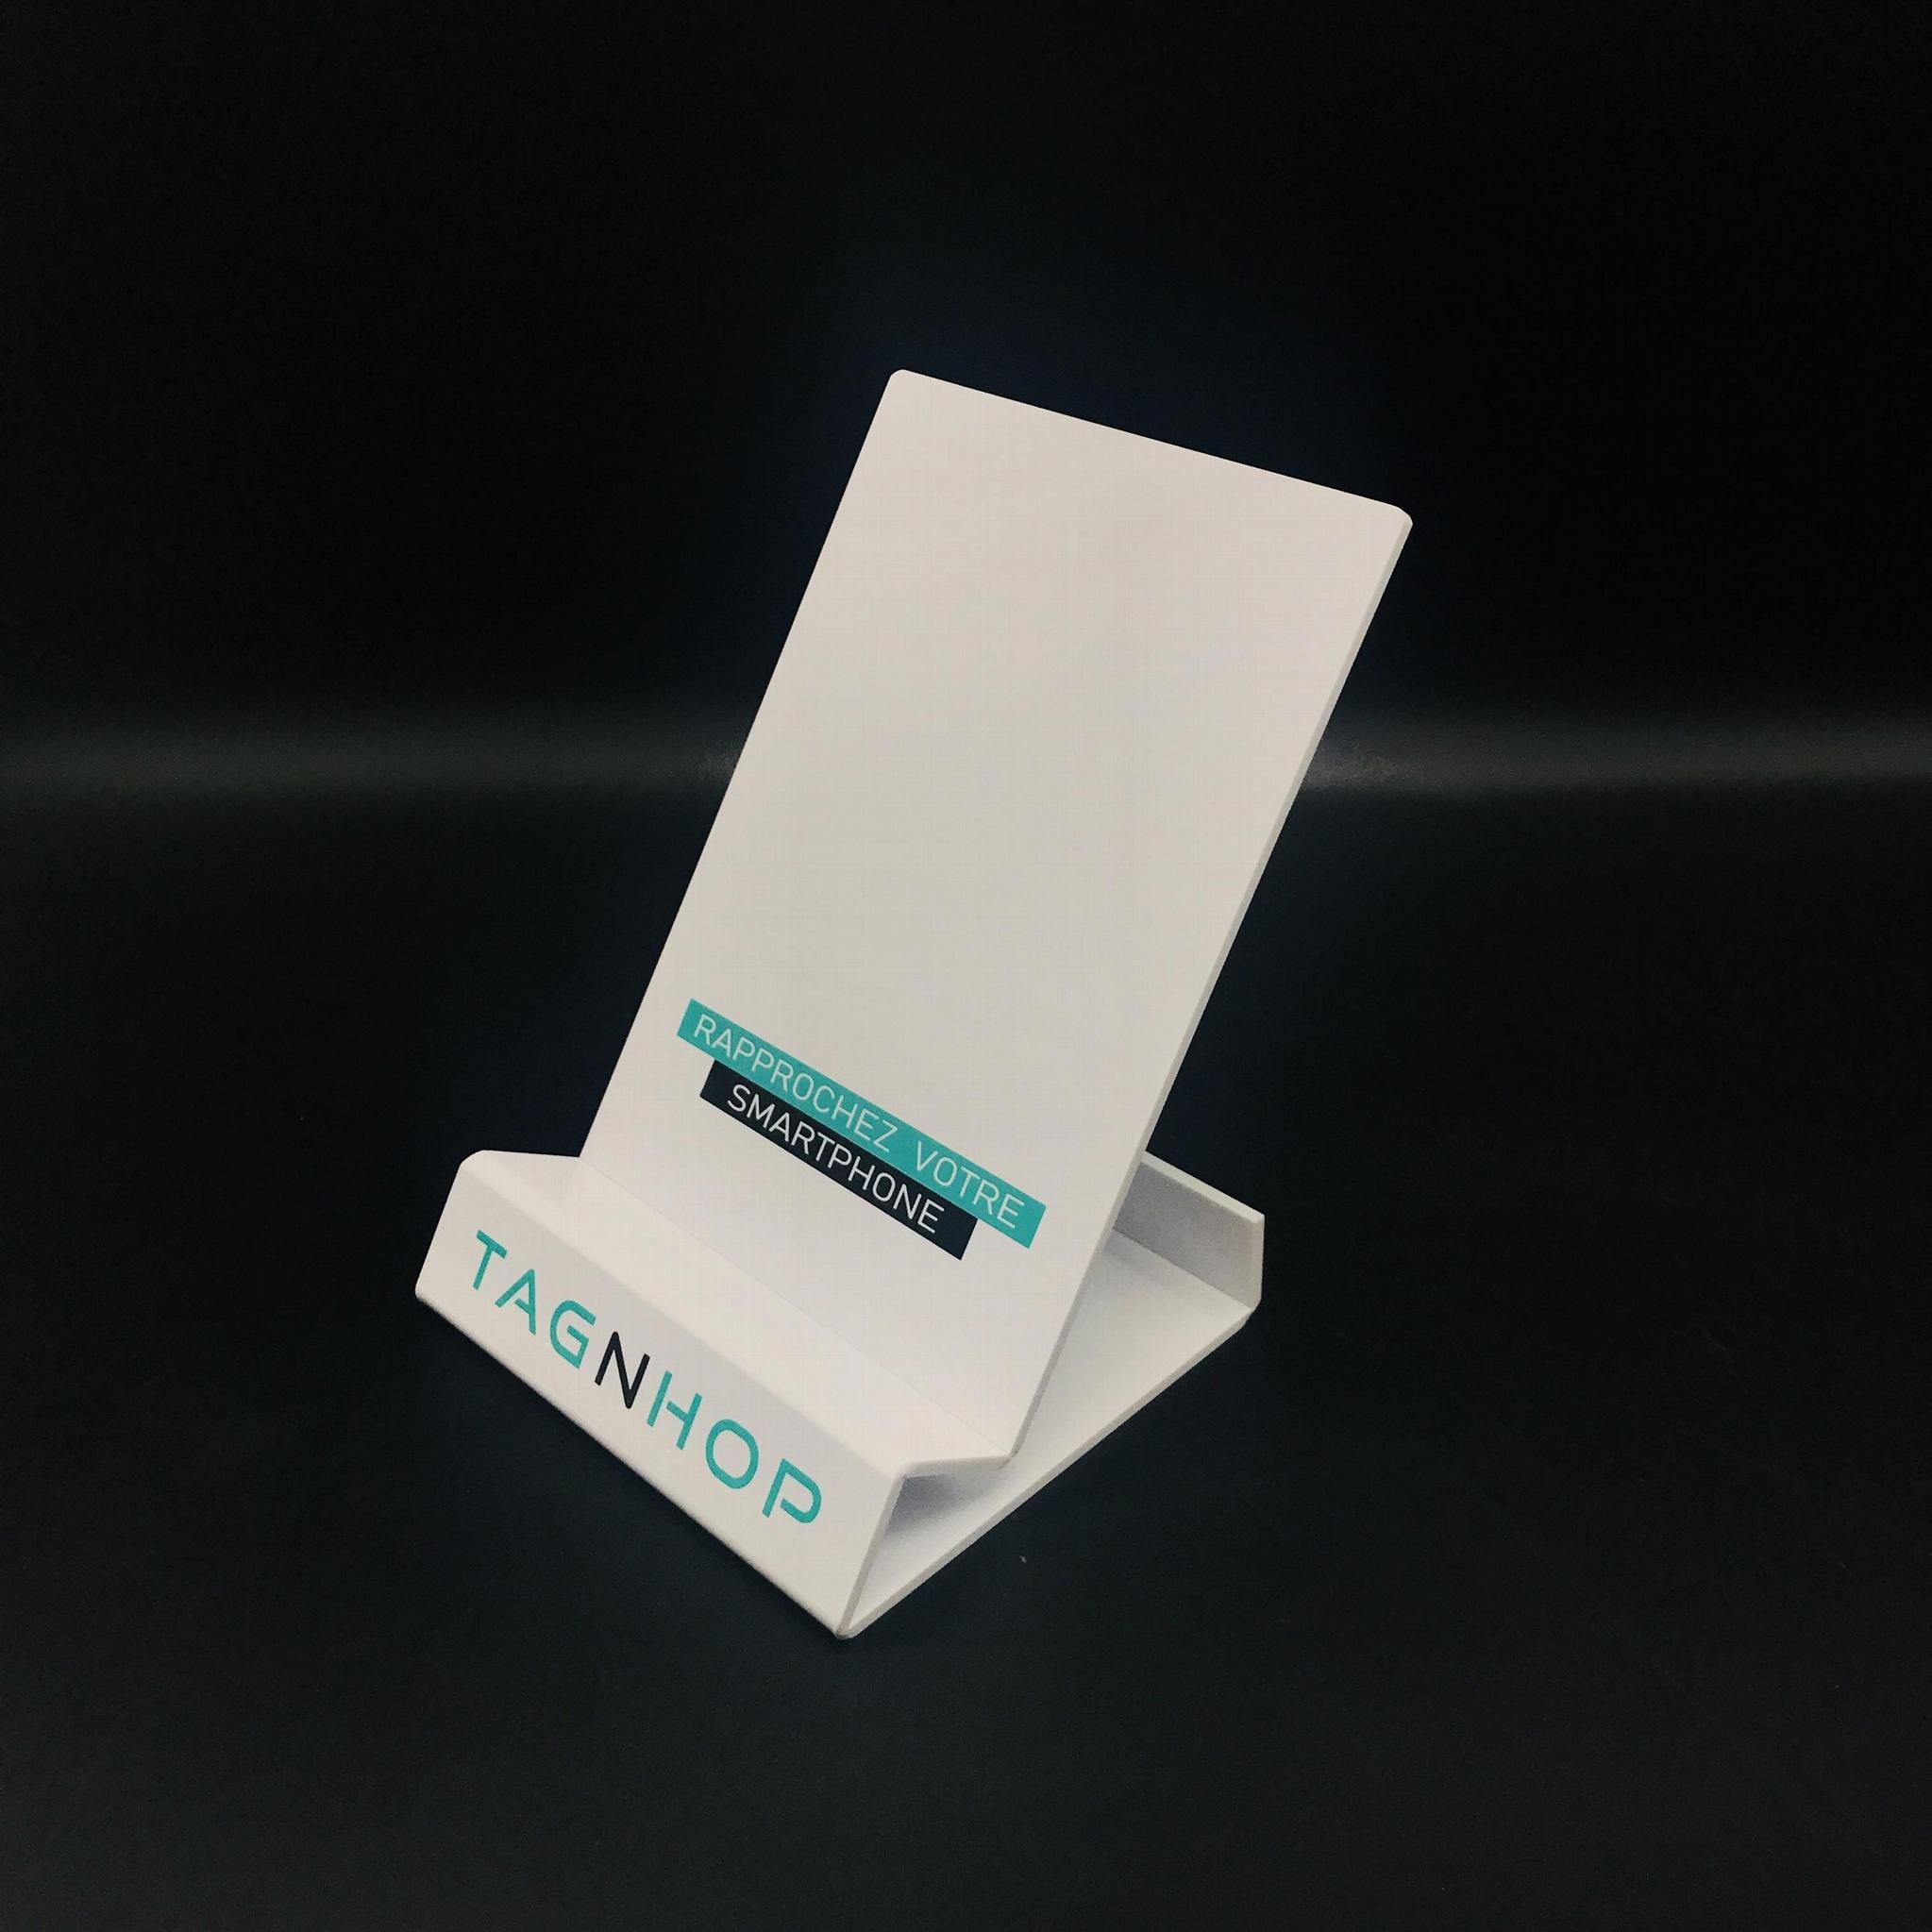 厂家定制创意亚克力书架亚克力ipad展示架 2